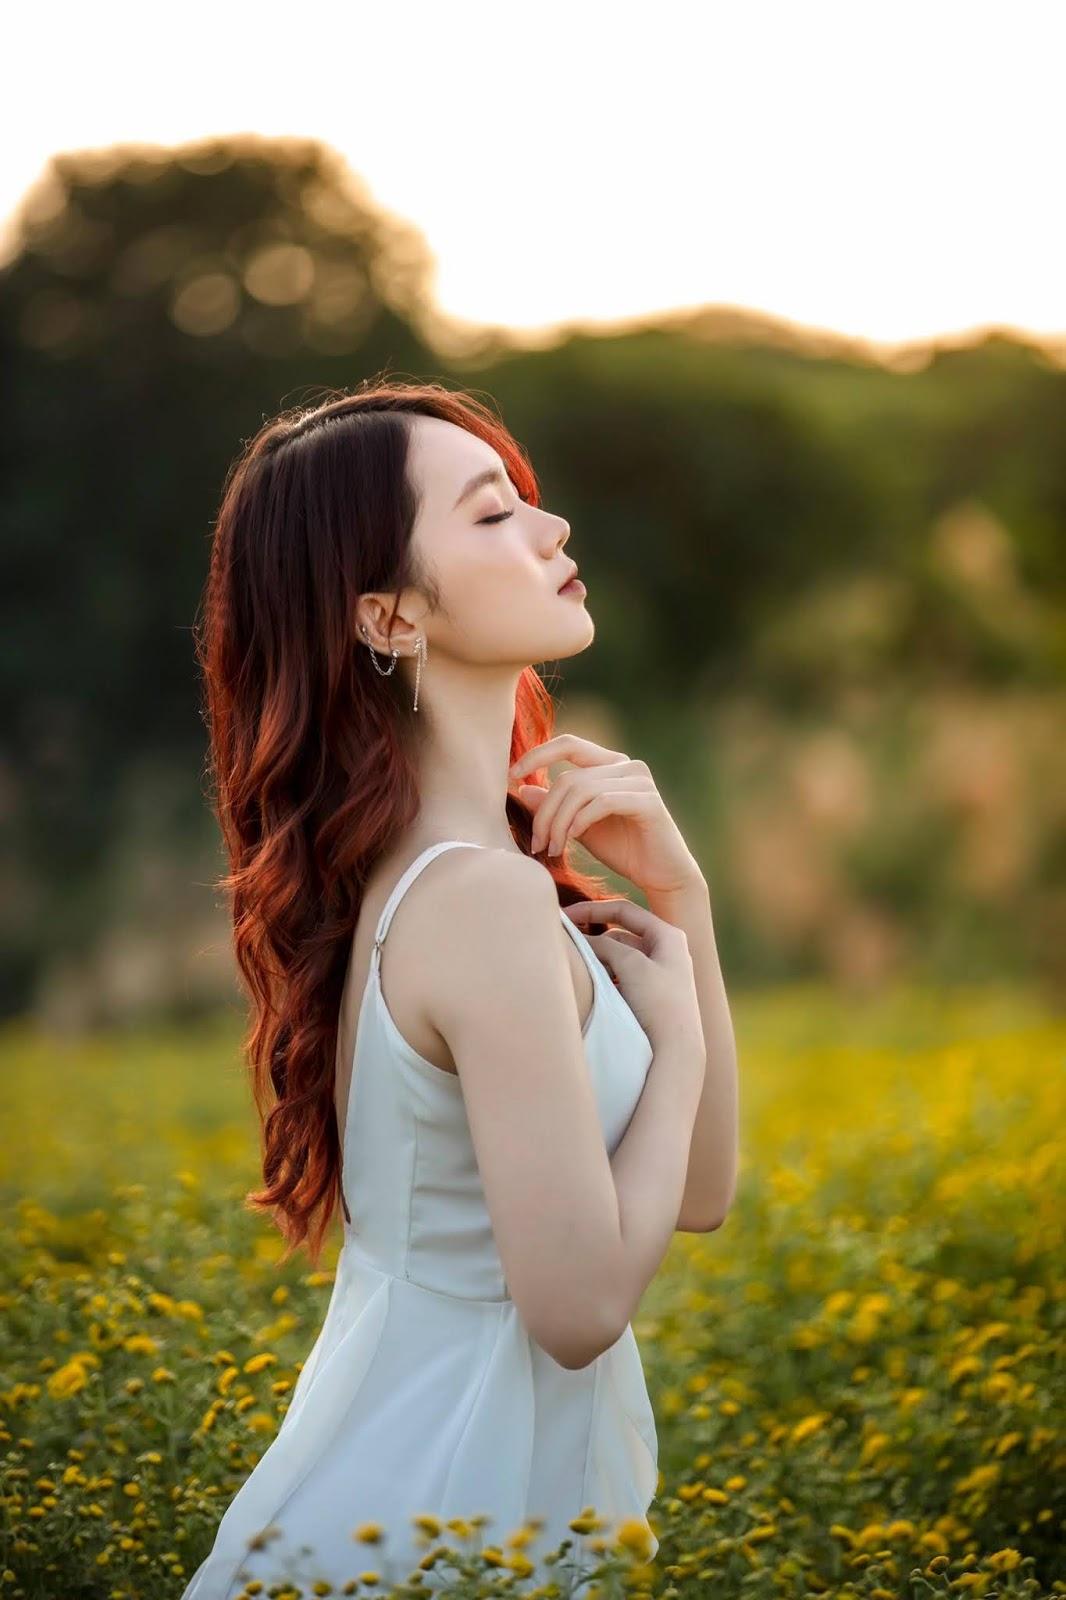 Hot girl Nguyễn Nam Trang Linh sở hữu hình thể đáng mơ ước của biết bao cô gái - 3